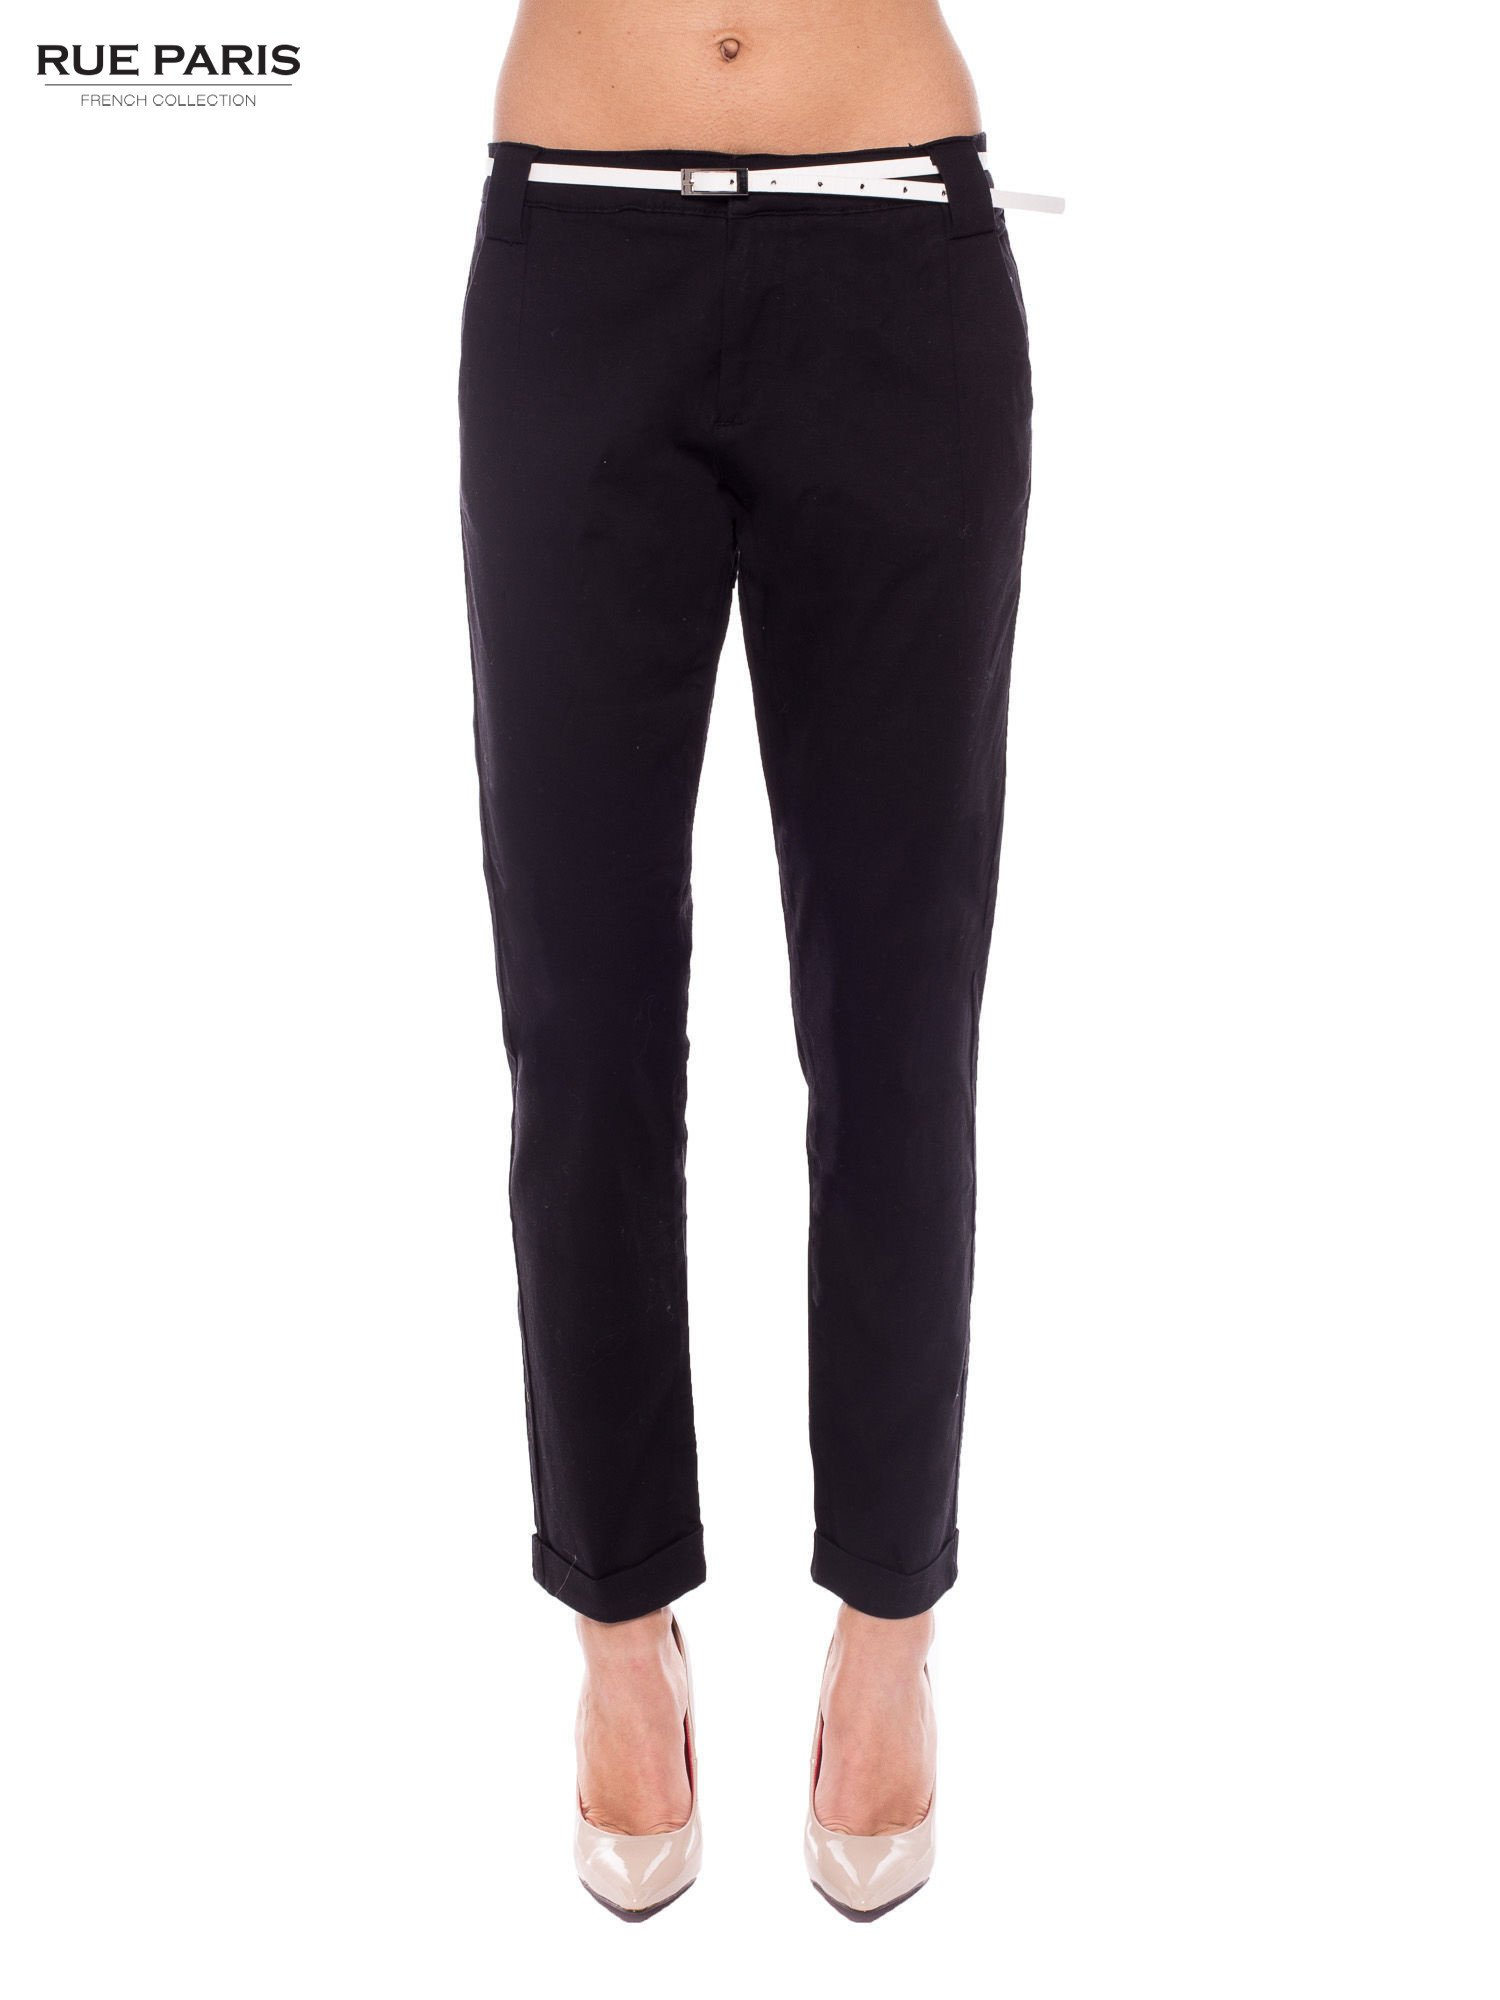 Czarne eleganckie spodnie damskie z paskiem                                  zdj.                                  1